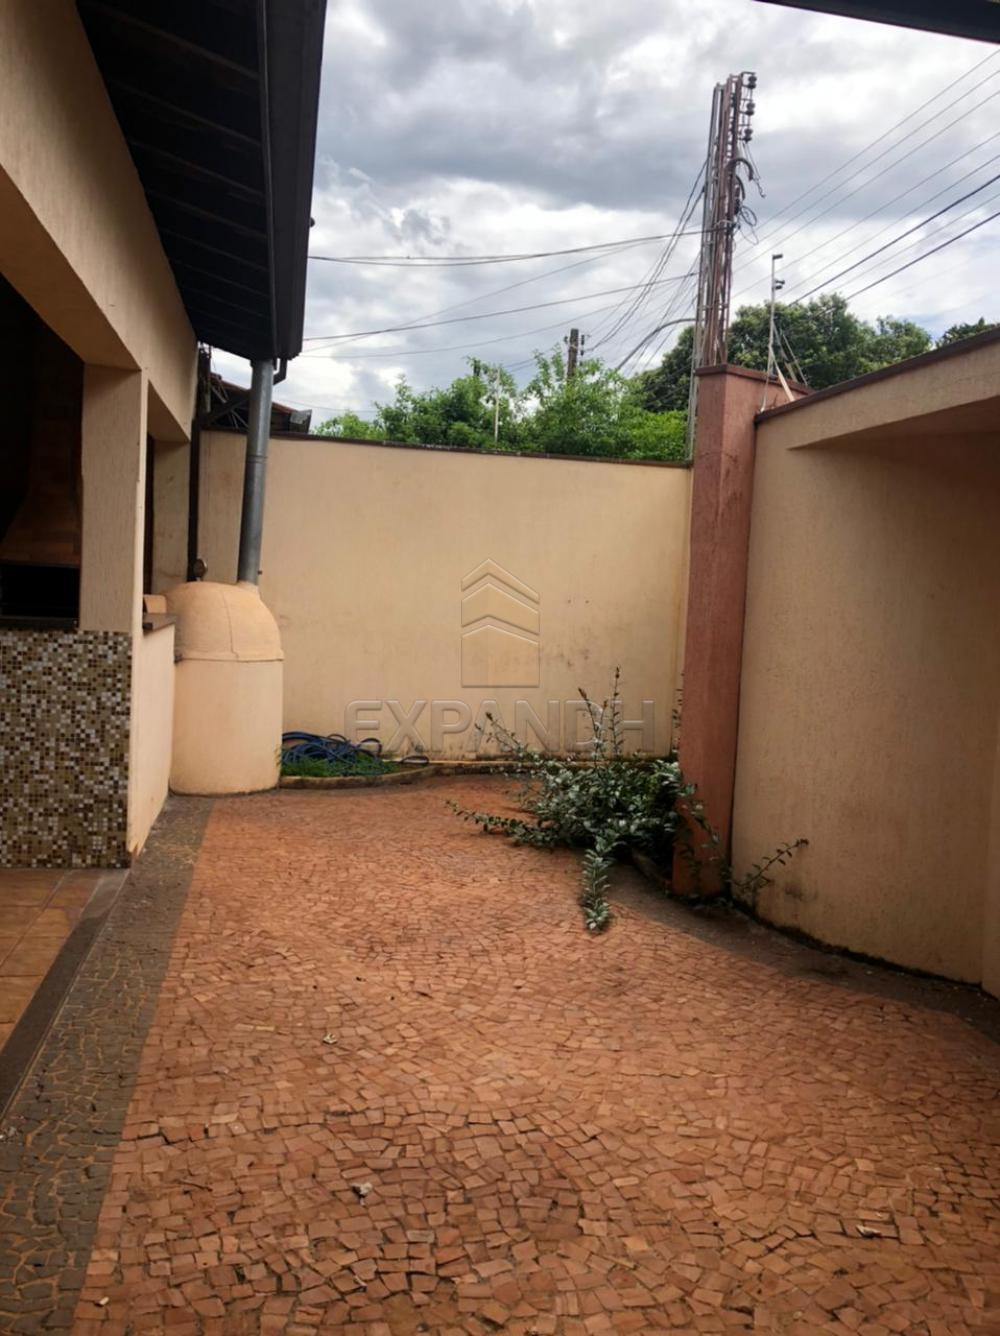 Alugar Casas / Padrão em Sertãozinho apenas R$ 1.500,00 - Foto 2